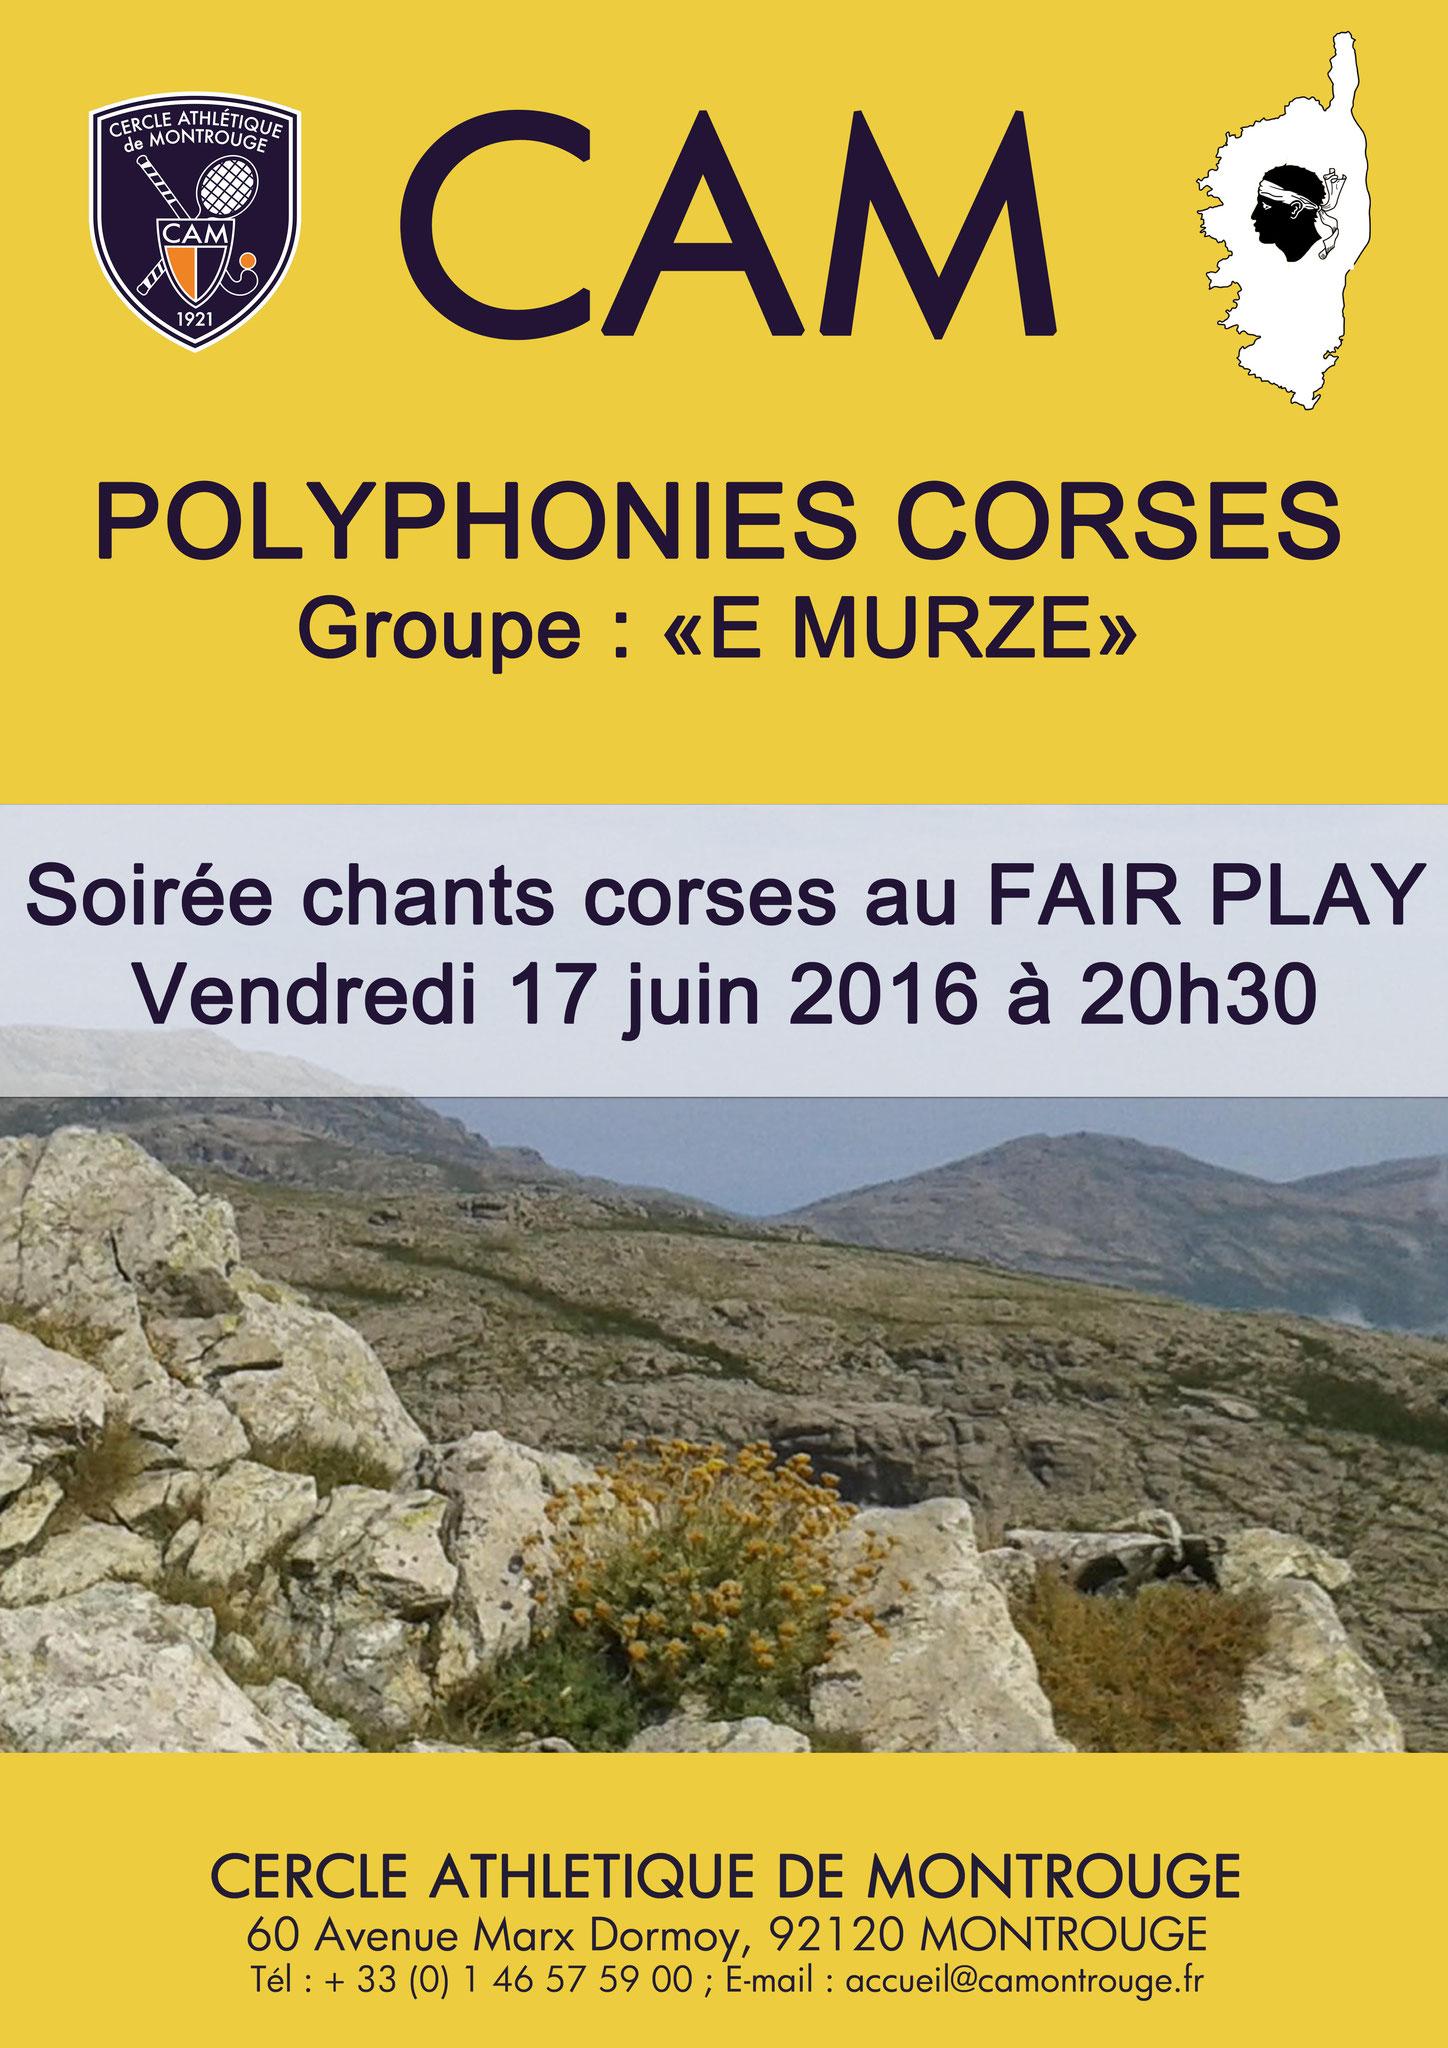 La Corse s'invite au CAM le temps d'une soirée, vendredi 17/06/16 dès 20h30 avec le groupe de chants polyphoniques corses E MURZE. Au menu proposé par Johann, planches de charcuterie et fromages 5 €, entrée gratuite